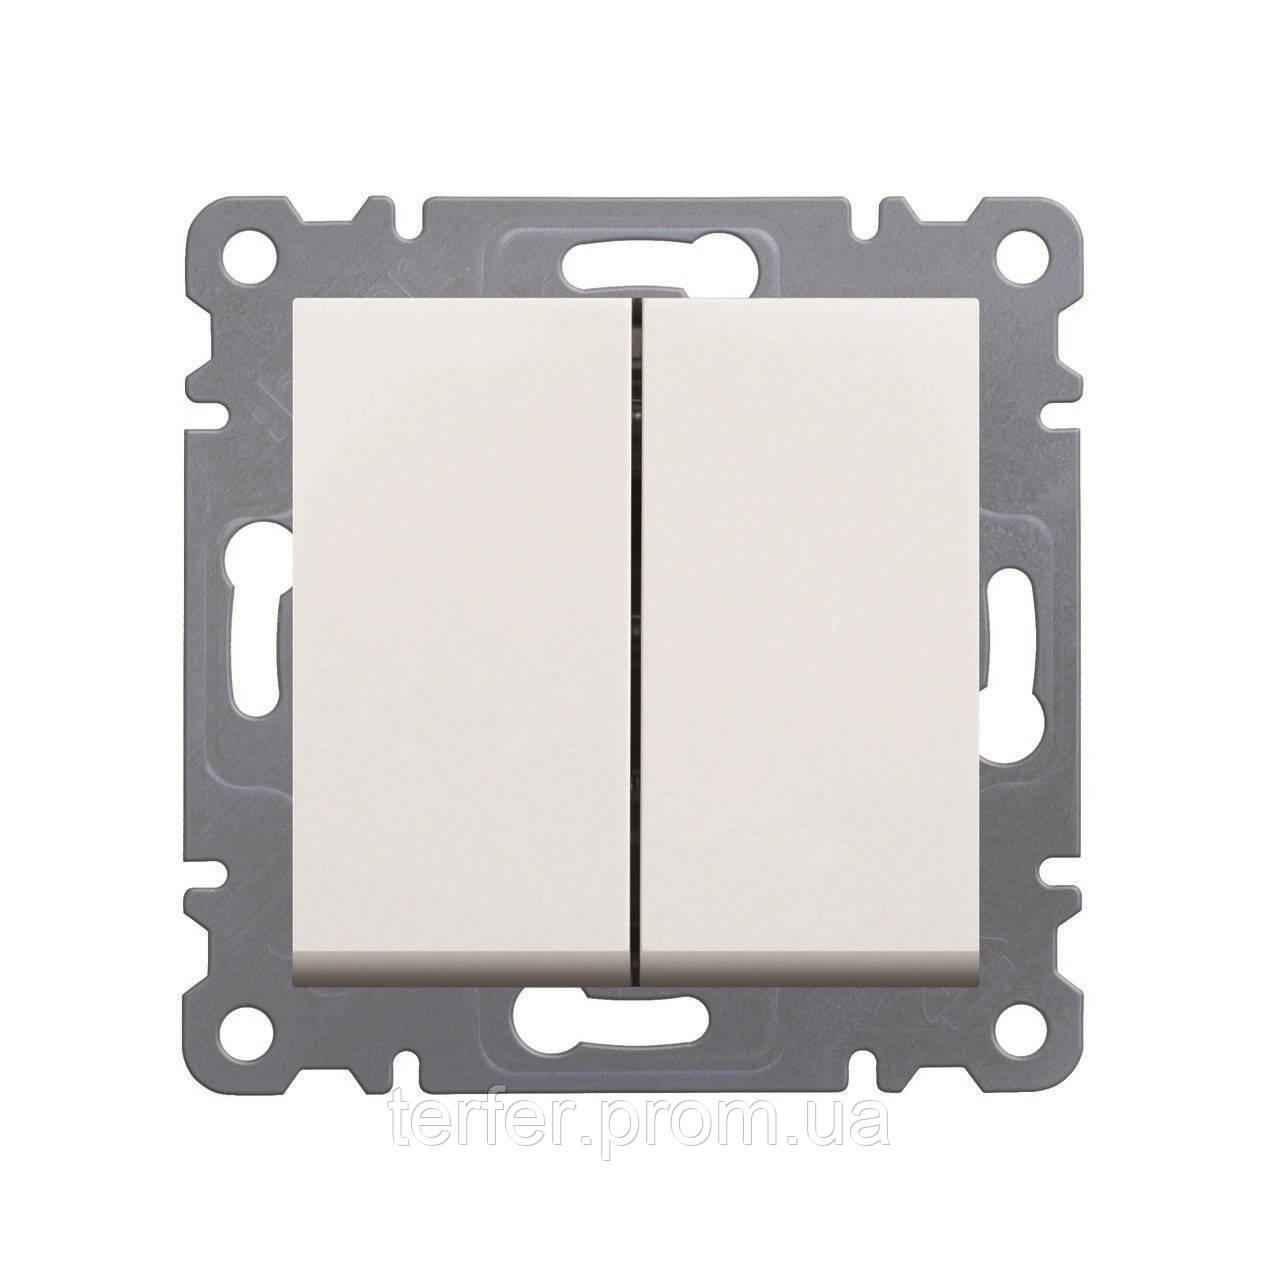 Выключатель 2-клавишный Lumina-2, белый, 10АХ/230В